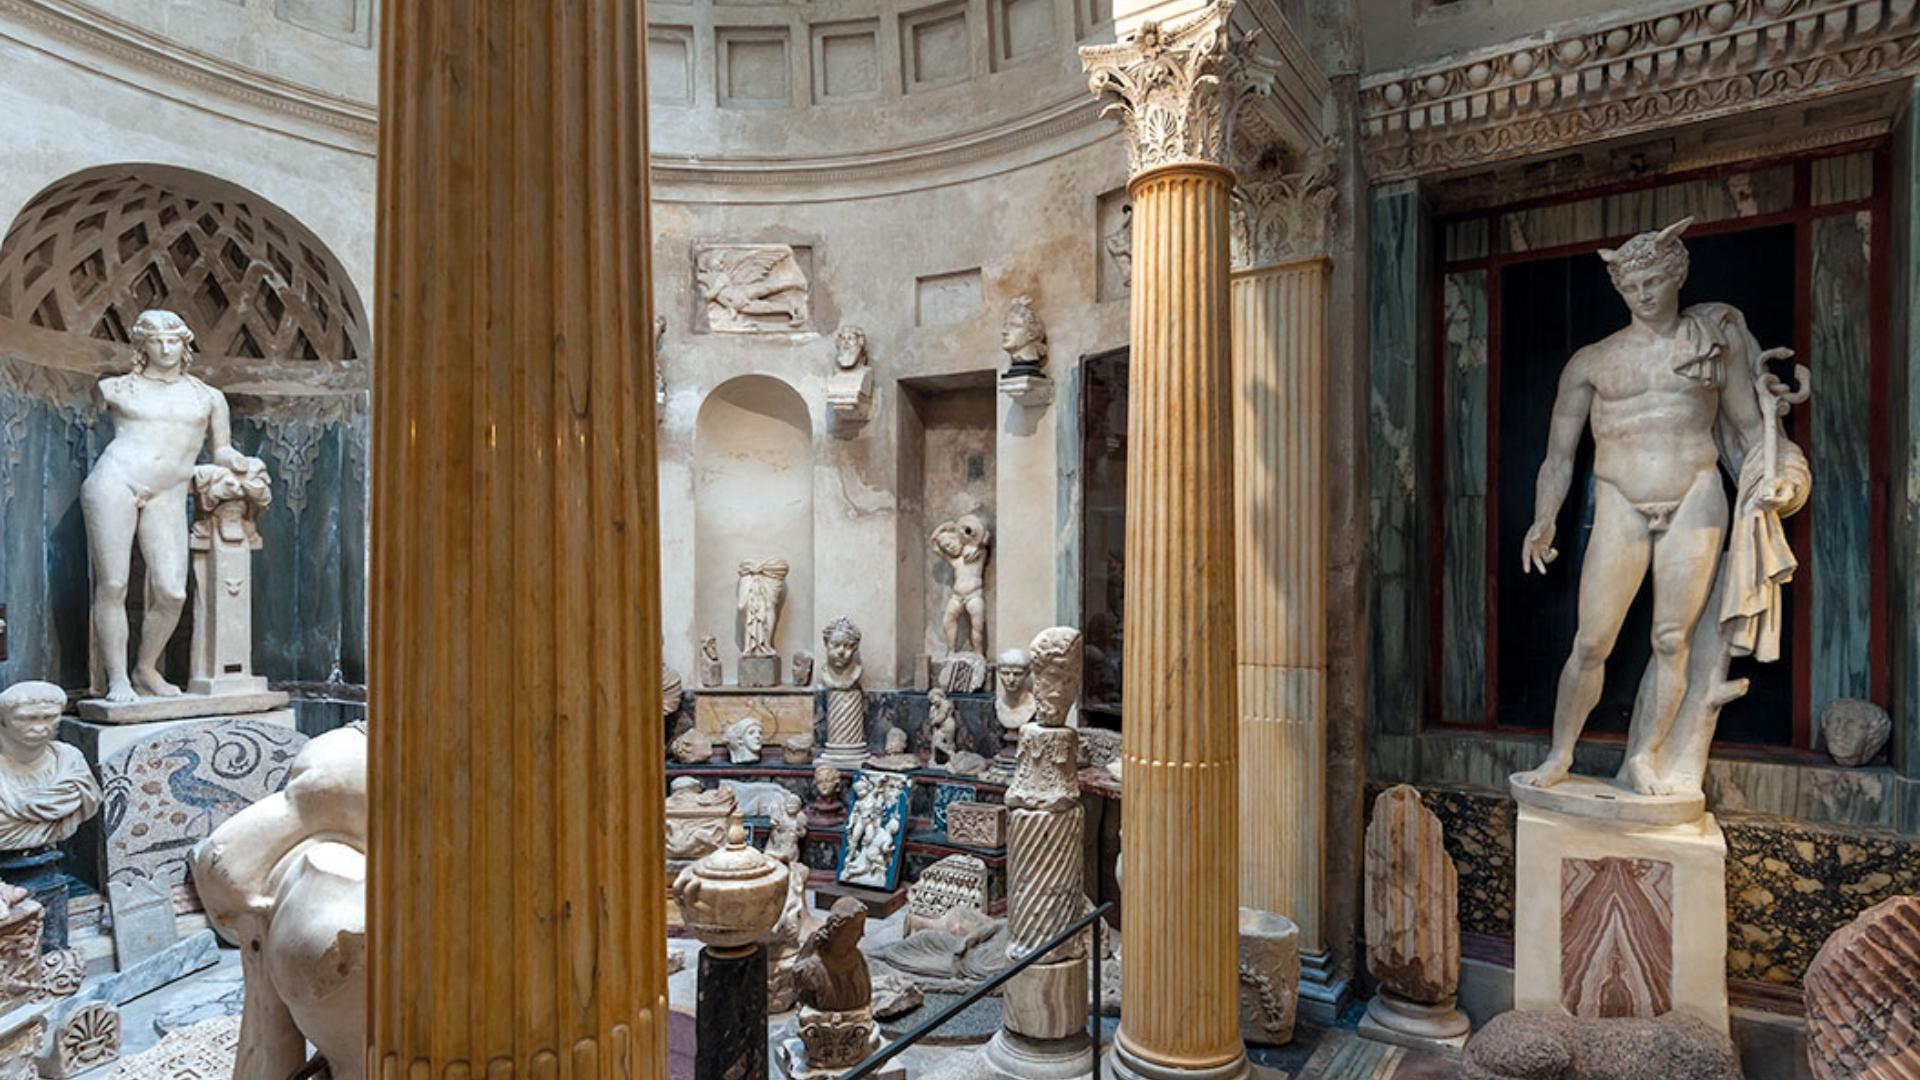 <p>Casa Museo Pogliaghi<br /> Esedra dei Marmi classici, un piccolo Pantheon voluto da Pogliaghi</p>